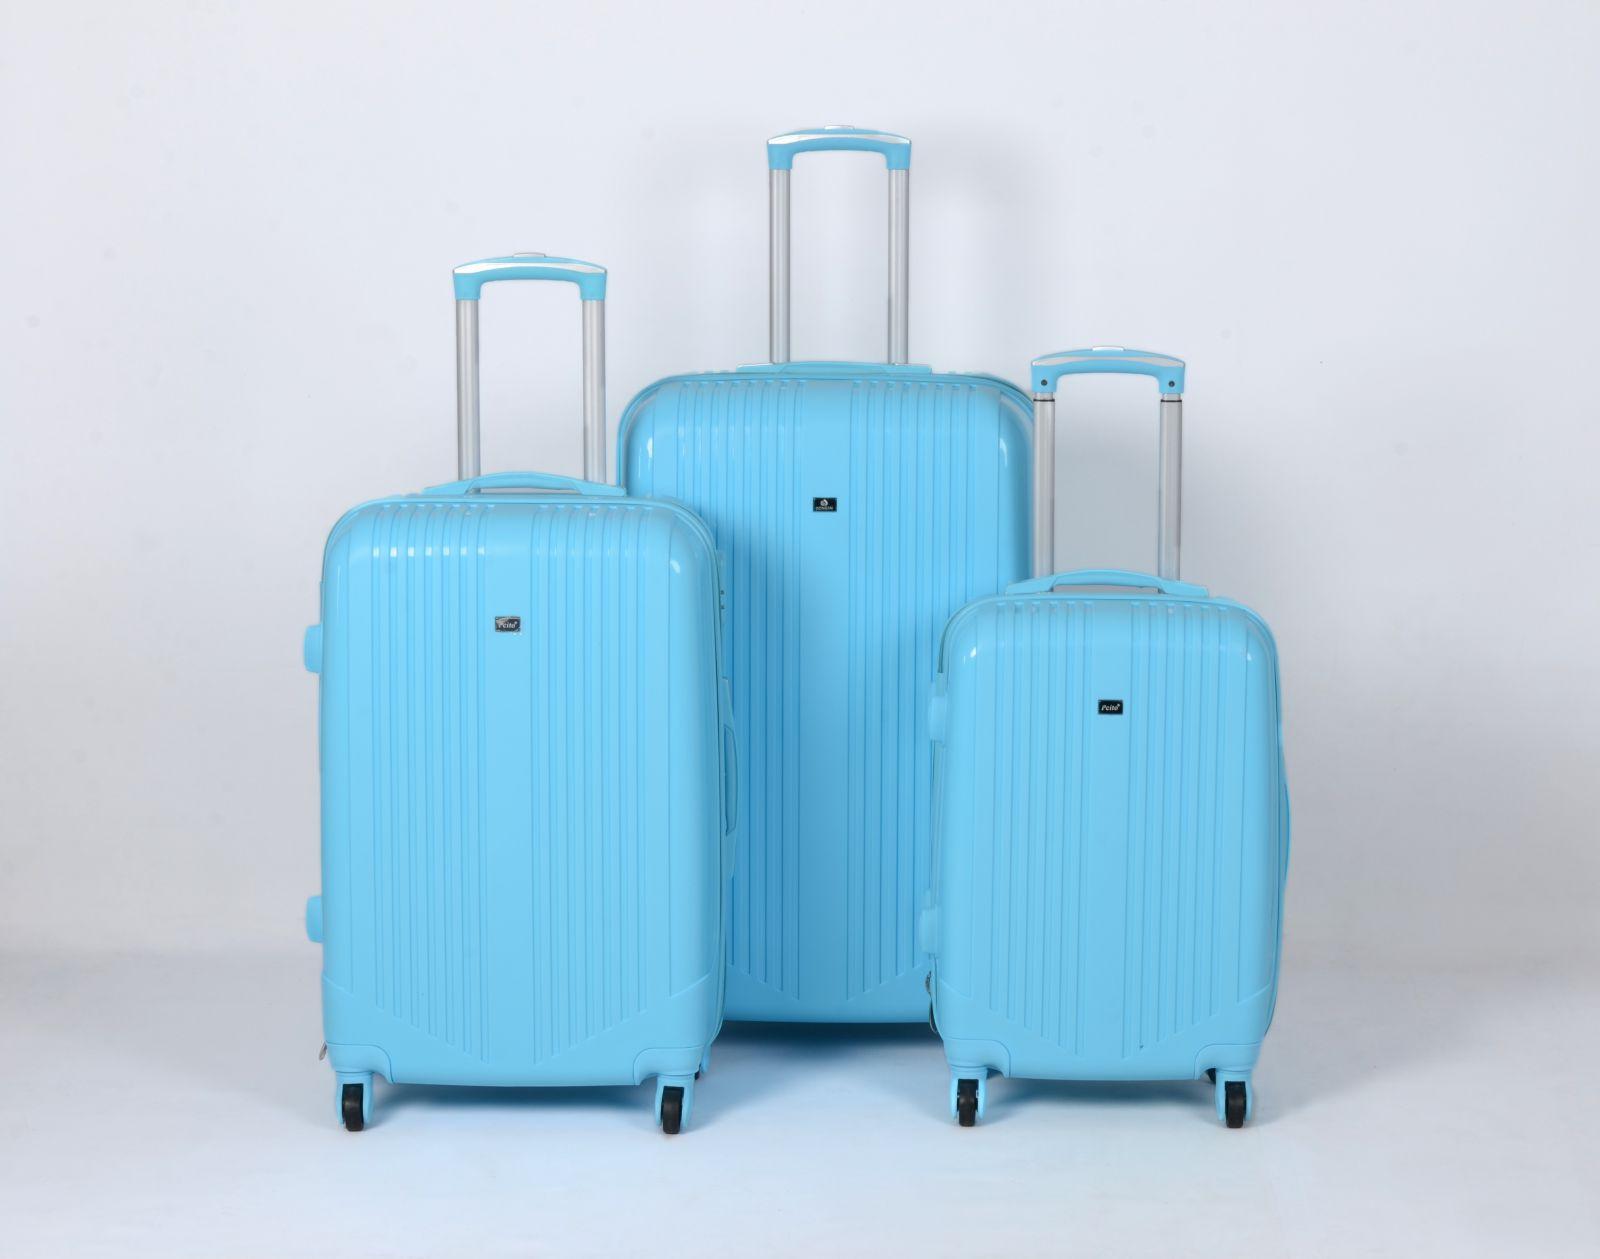 Cestovní kufry sada ABS Trolleykoffer TR-A27 modrý